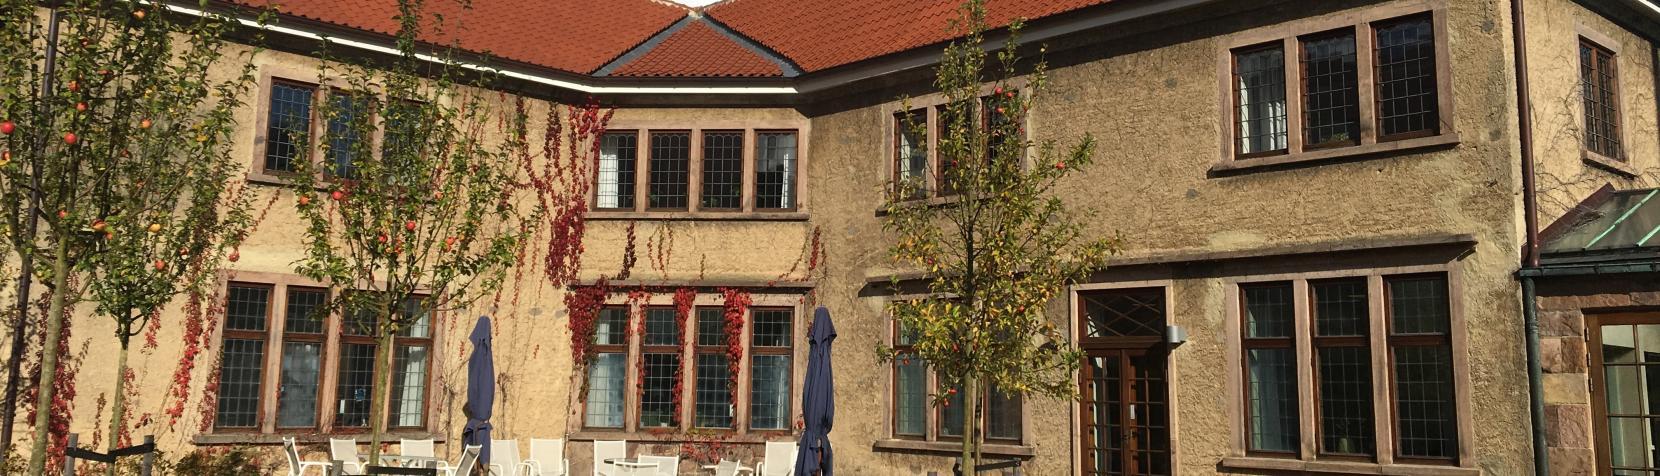 Daghjemmet Frydenholm